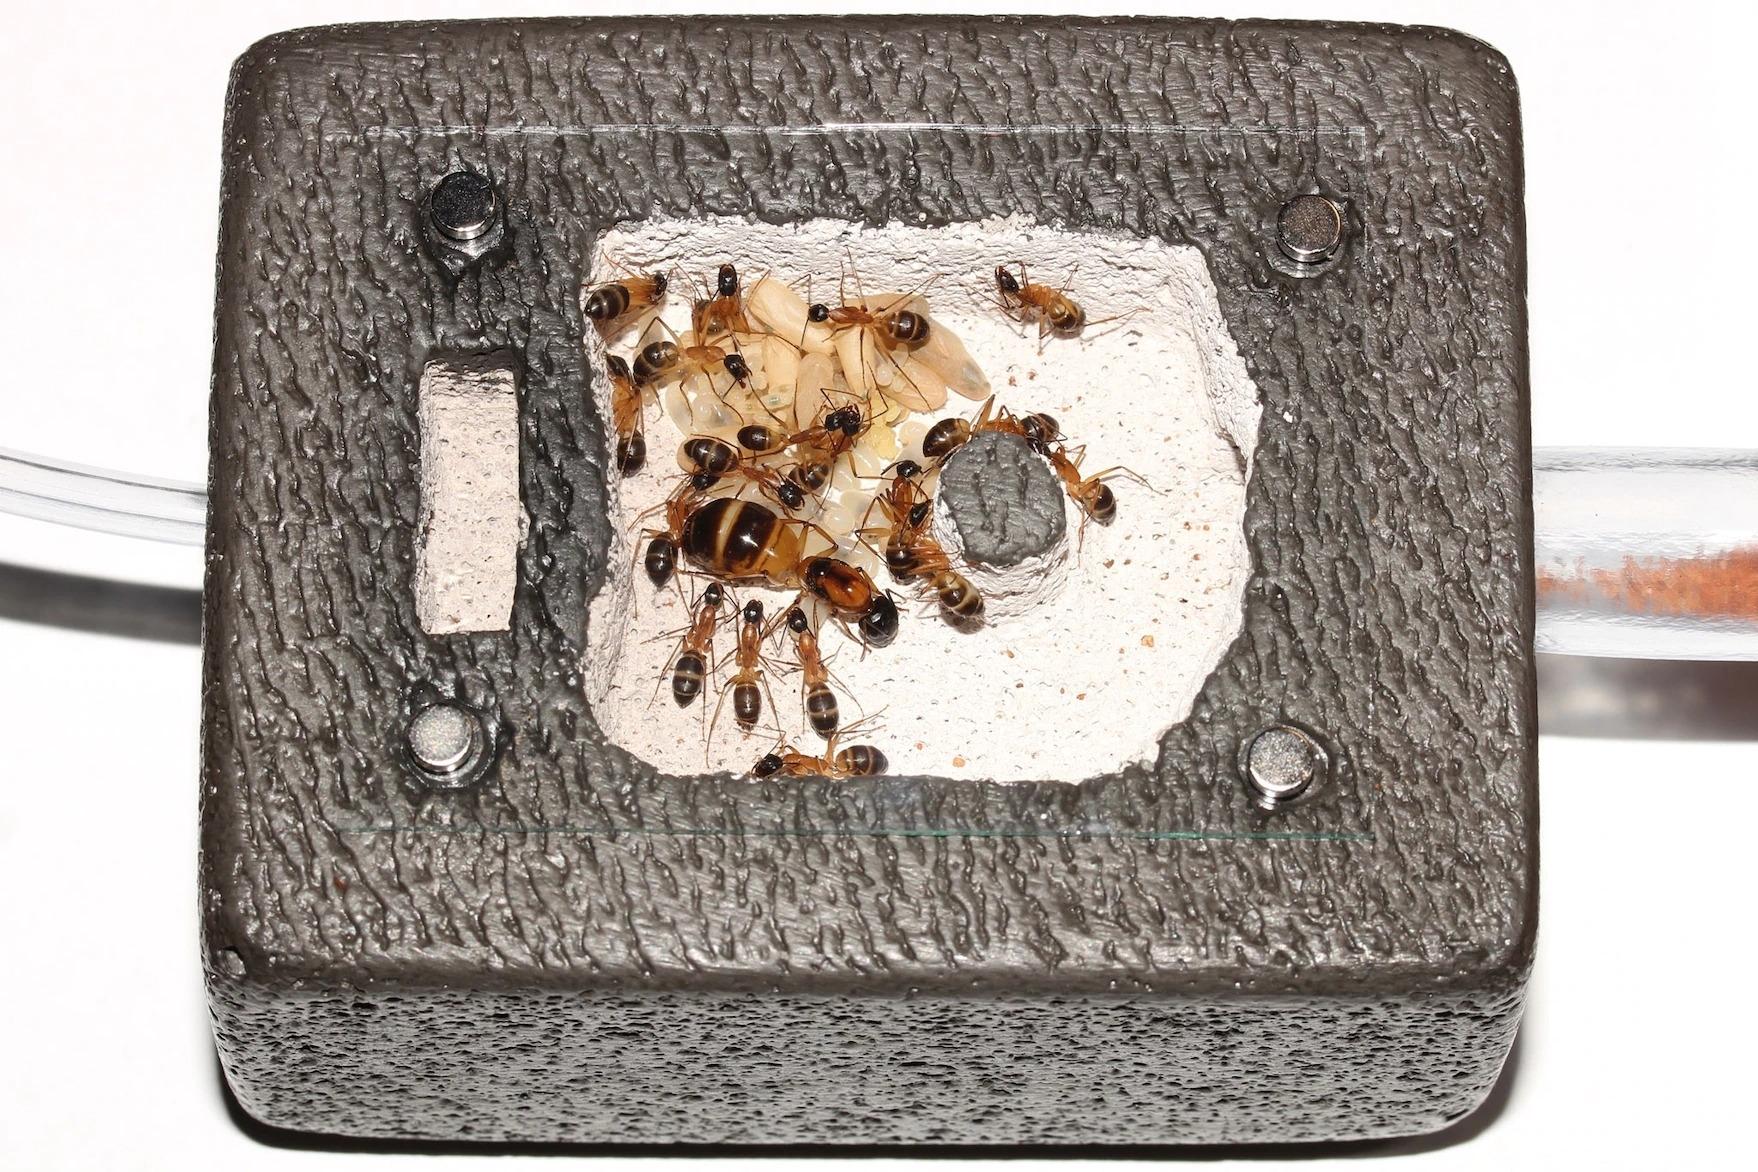 《國家地理》雜誌特地請玩家們拍下他們的蟻群。圖中是居住赫貝爾磚(Hebel brick,一種由蒸壓養護輕質混凝土製成的磚塊)中的橙布弓背蟻(Camponotus consobrinus),磚上還塗有主成分為天然白堊土與黏土的塗料;在蟻窩左側,有一個水槽可以維持巢穴濕度,右側則有一個管子可以通向更大的棲地。PHOTOGRAPH BY RILEY TAYLOR